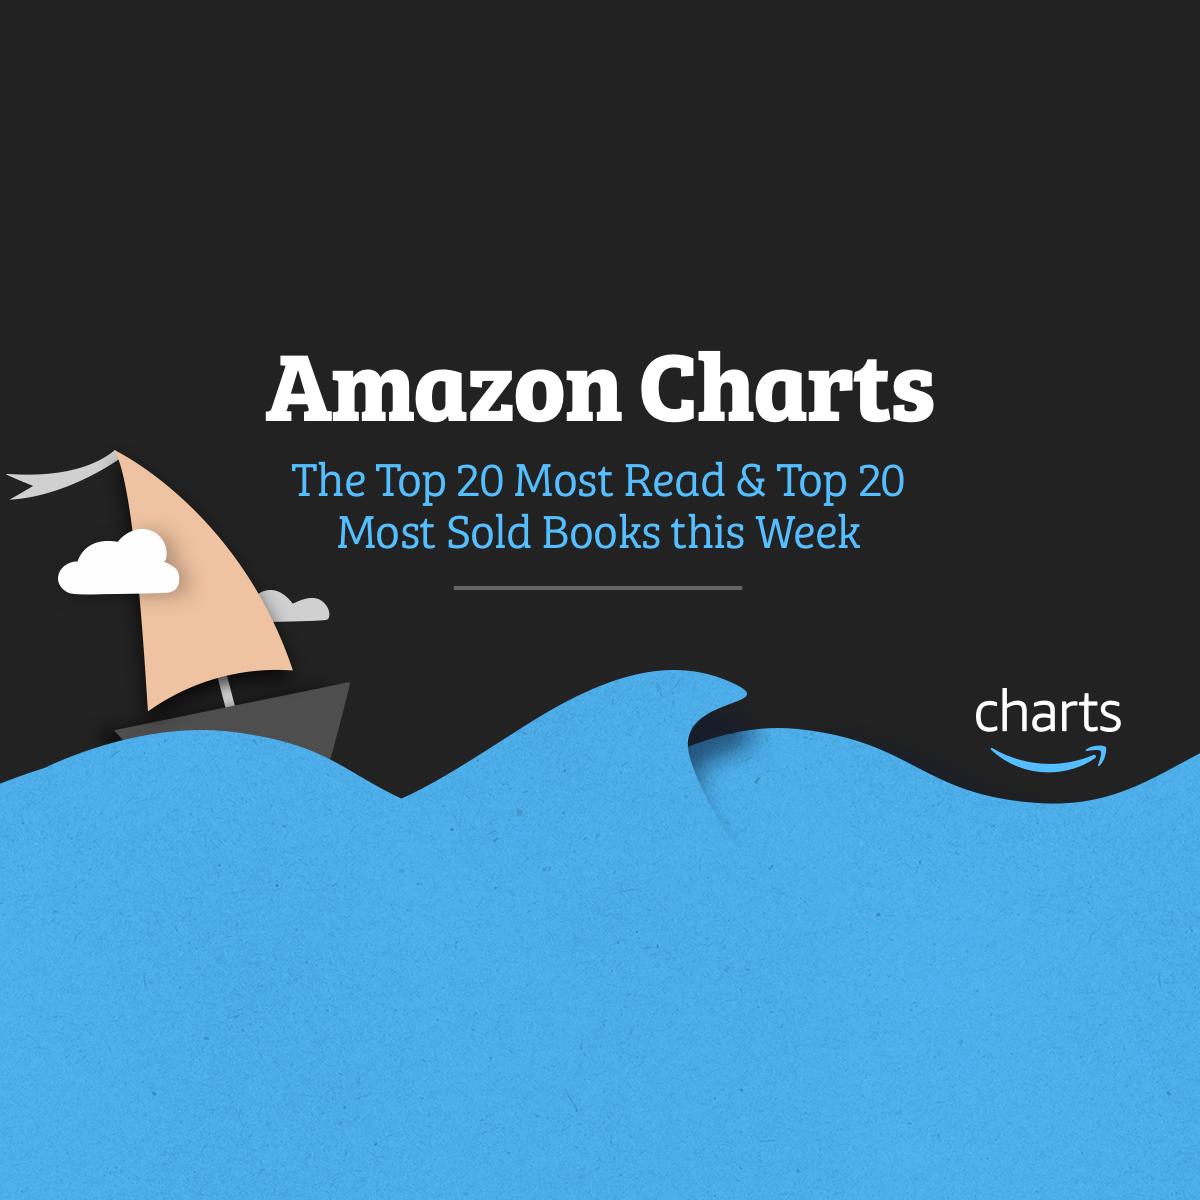 Amazon Charts Top 20 Books